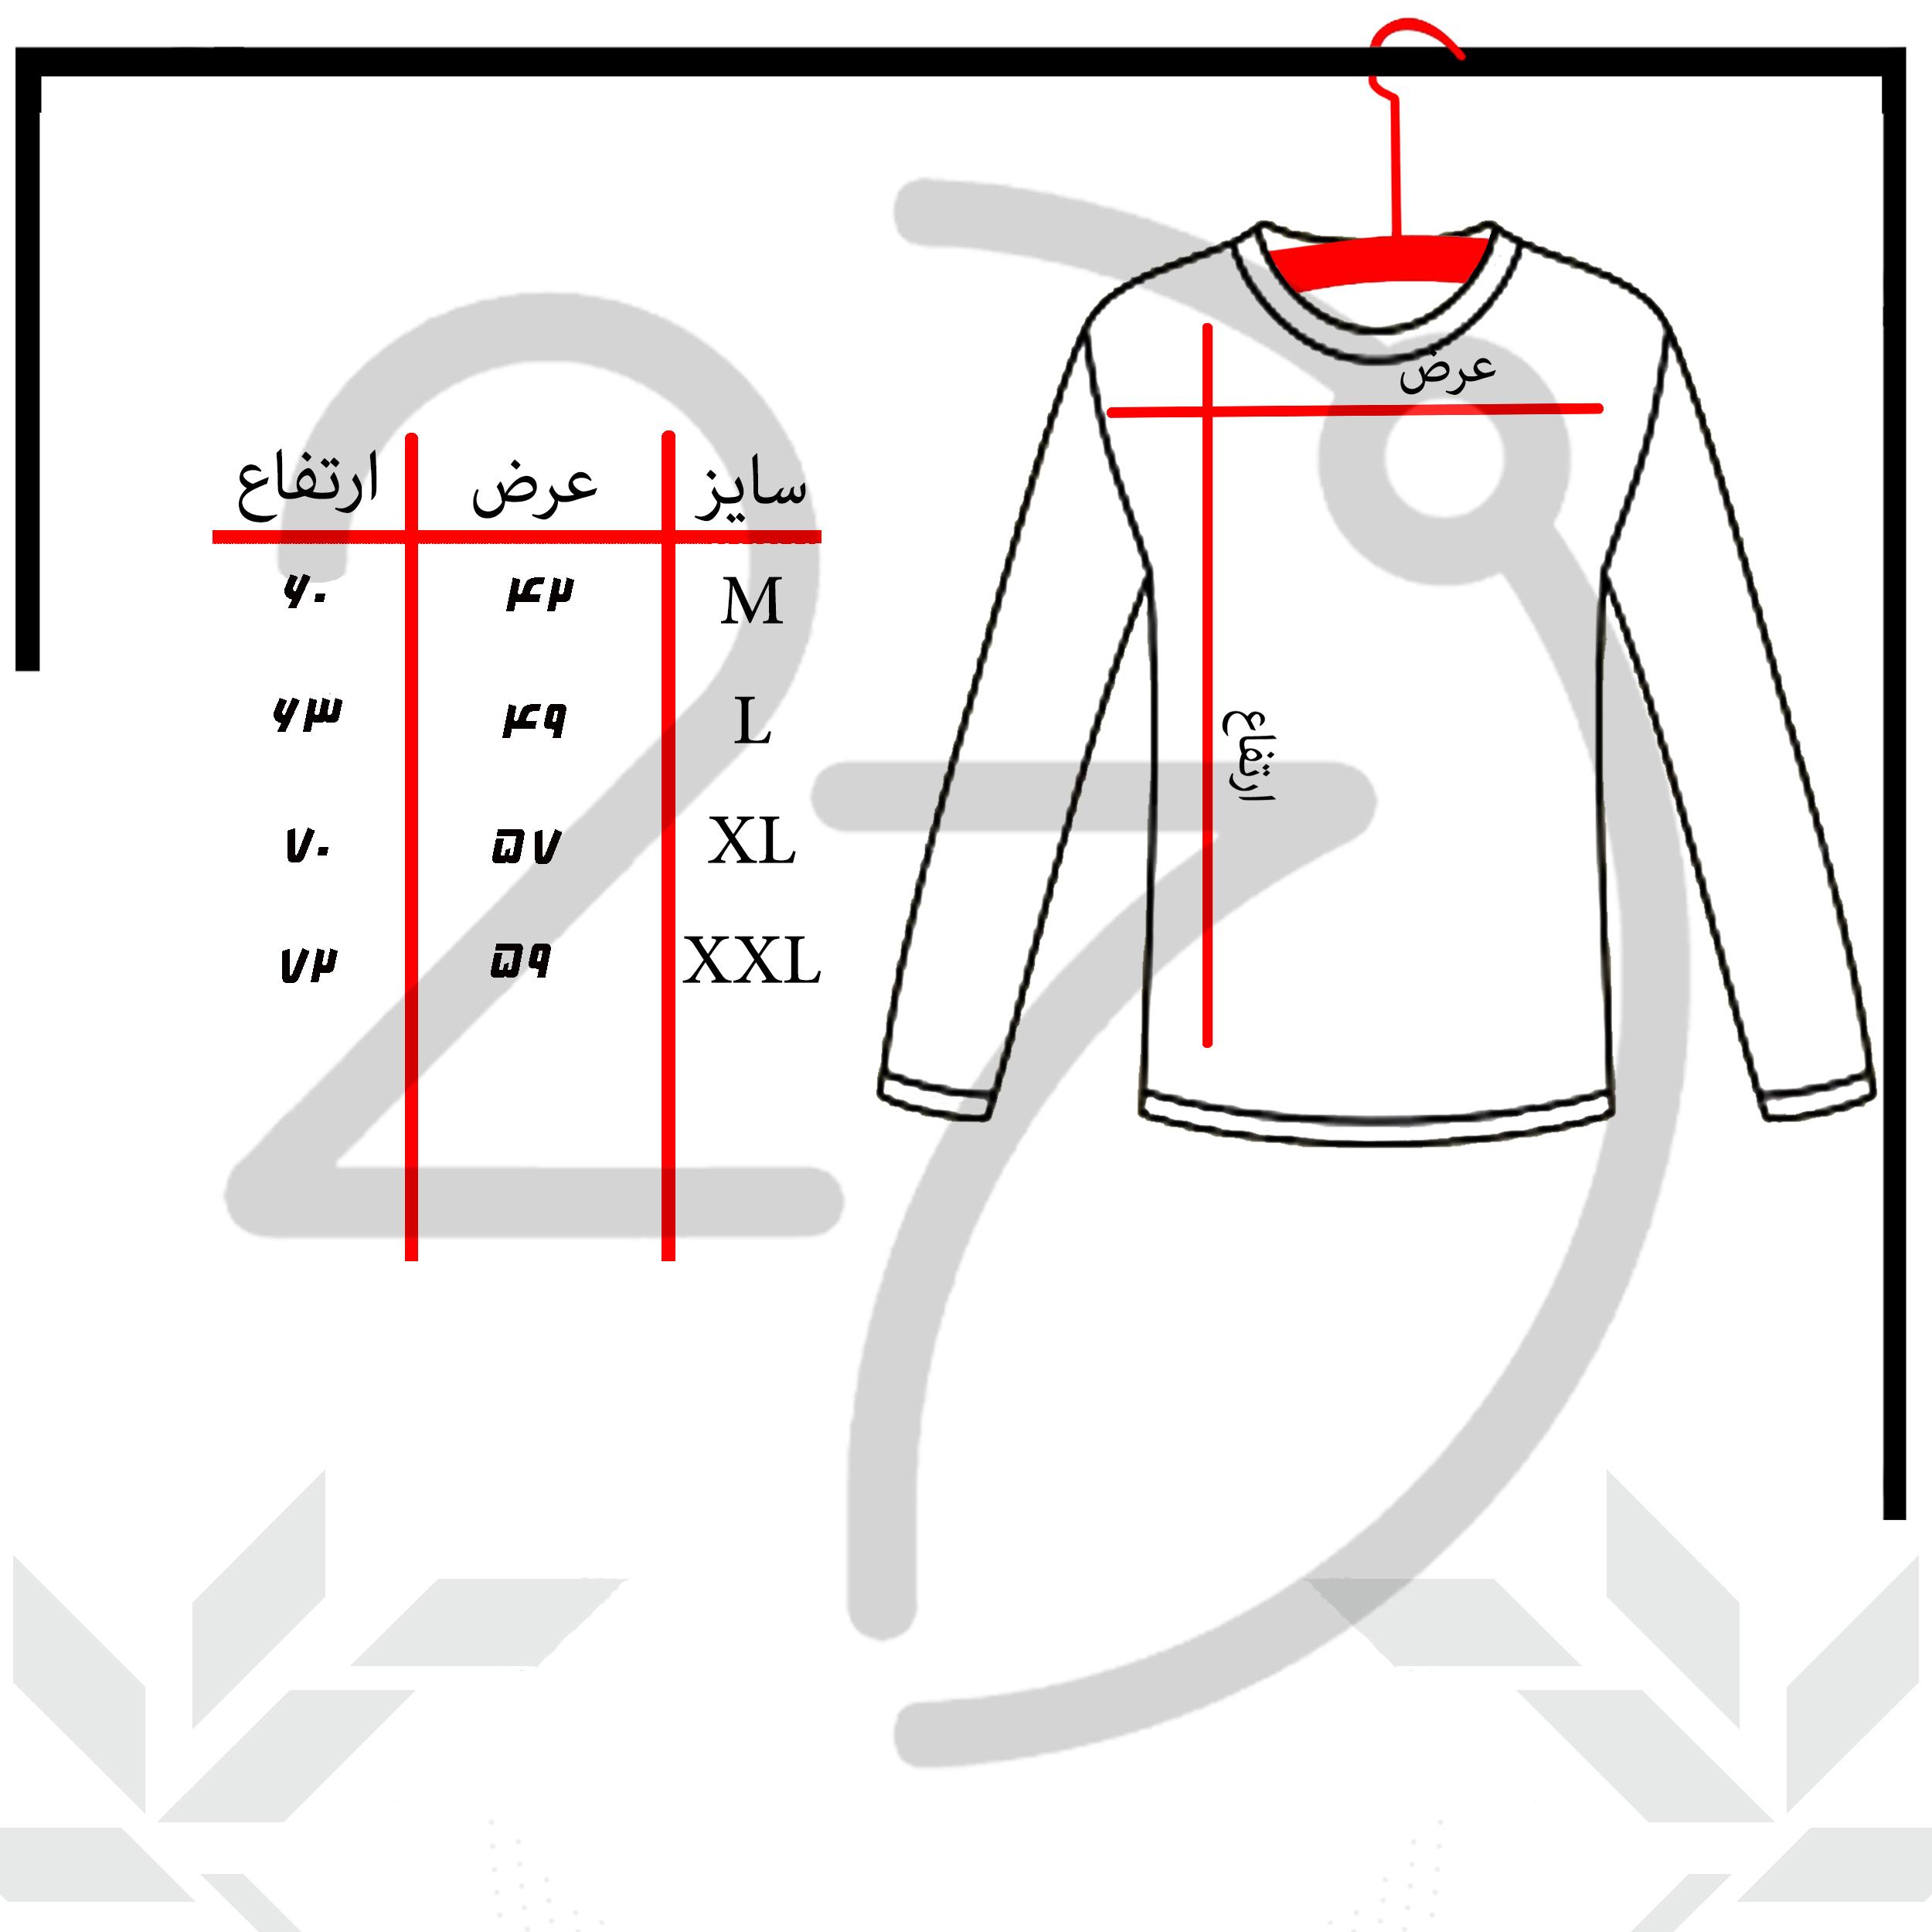 تی شرت آستین بلند زنانه 27 مدل Keep Dreaming کد B115